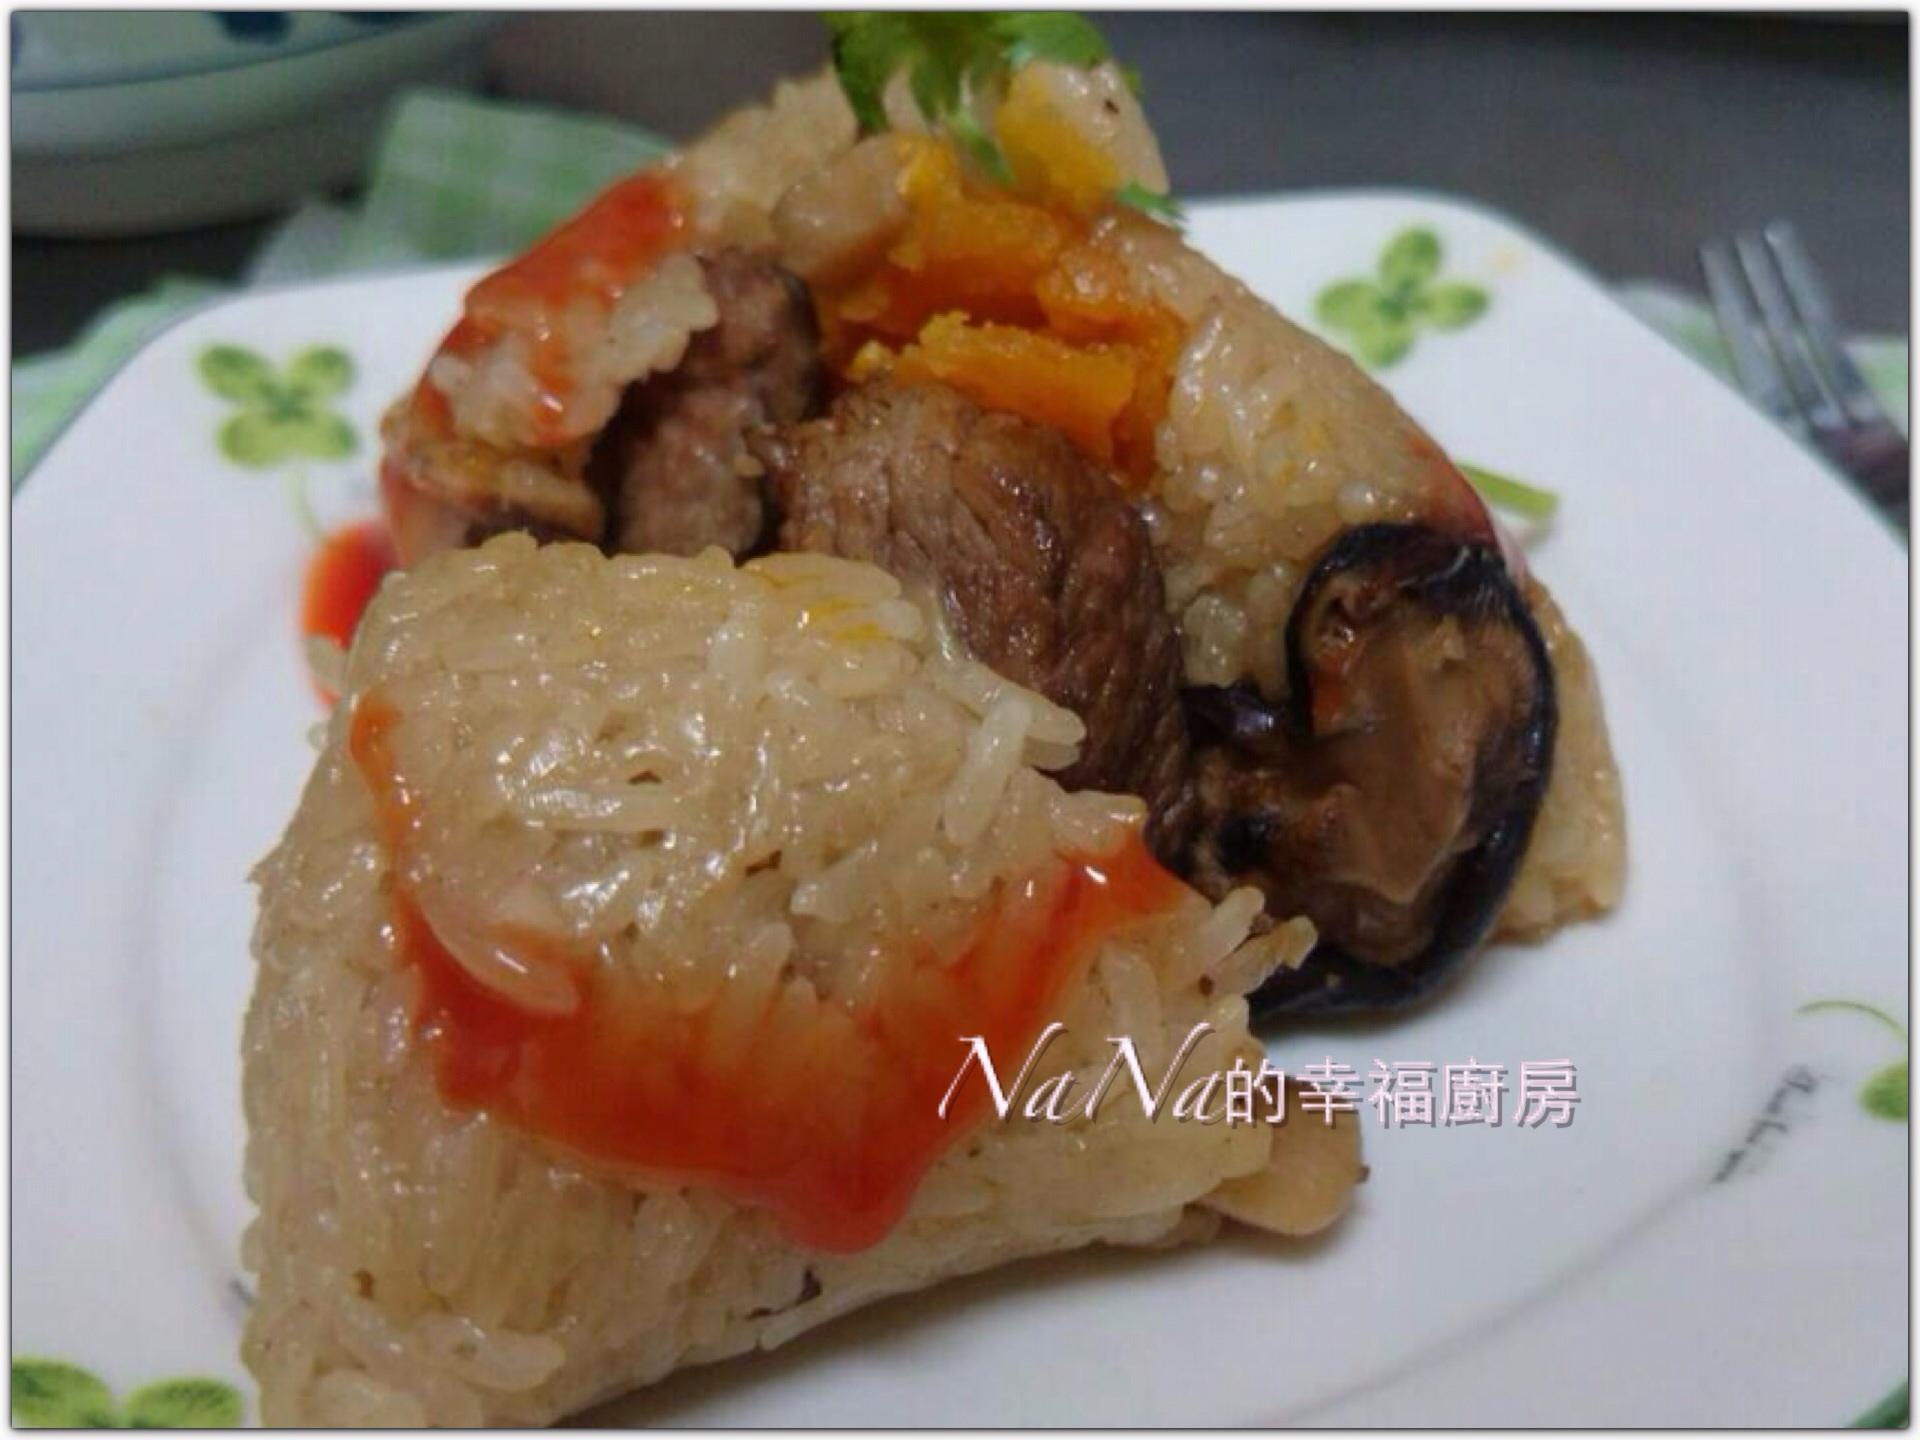 涮嘴【竹筍肉粽】